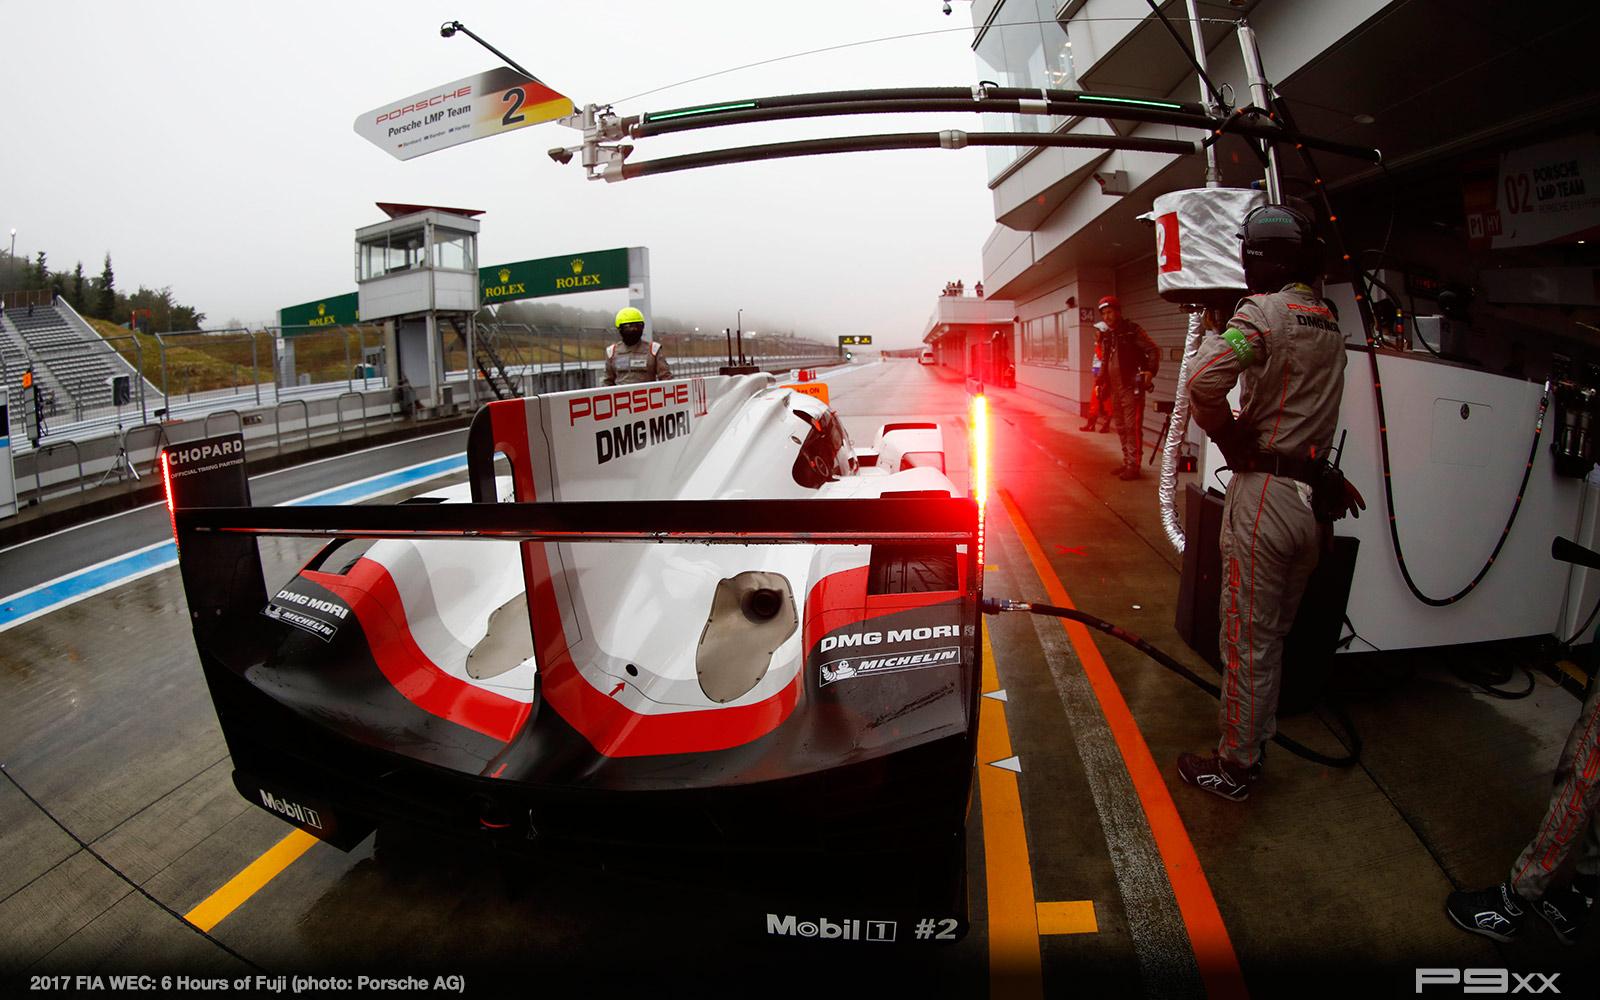 2017-FIA-WEC-6h-of-Fuji-Porsche-365